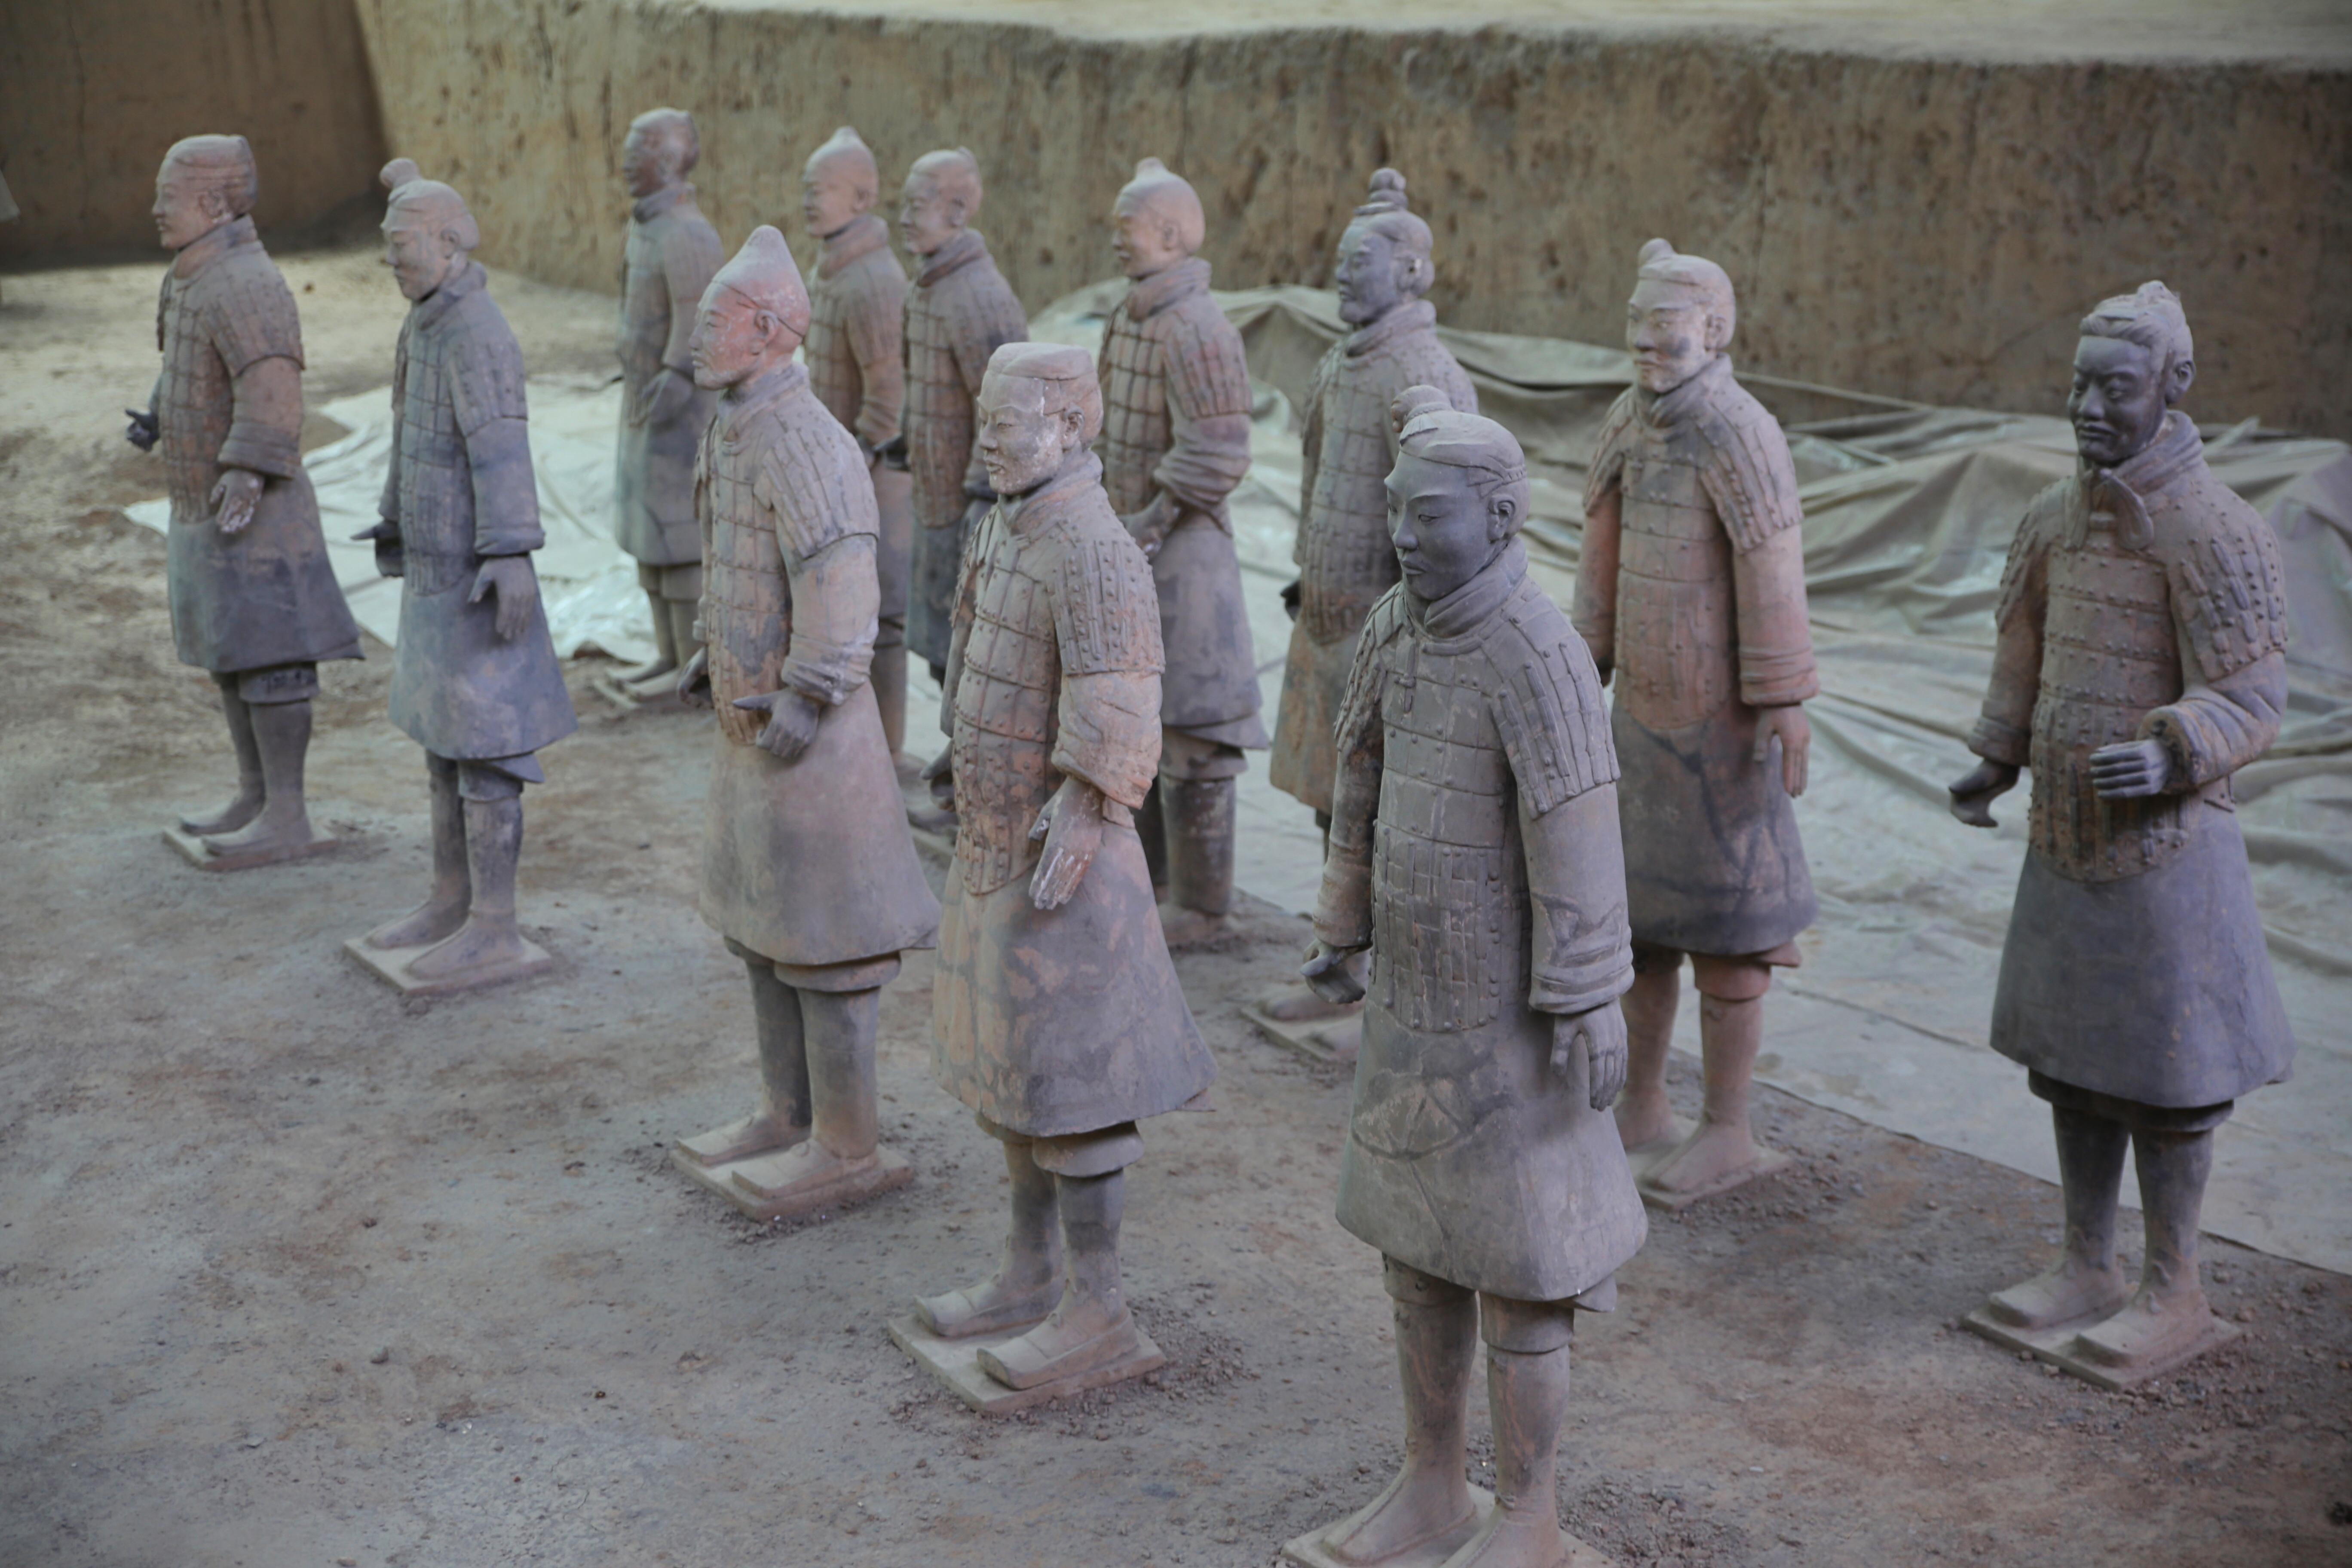 秦始皇兵马俑,寻找大秦帝国的历史足迹!